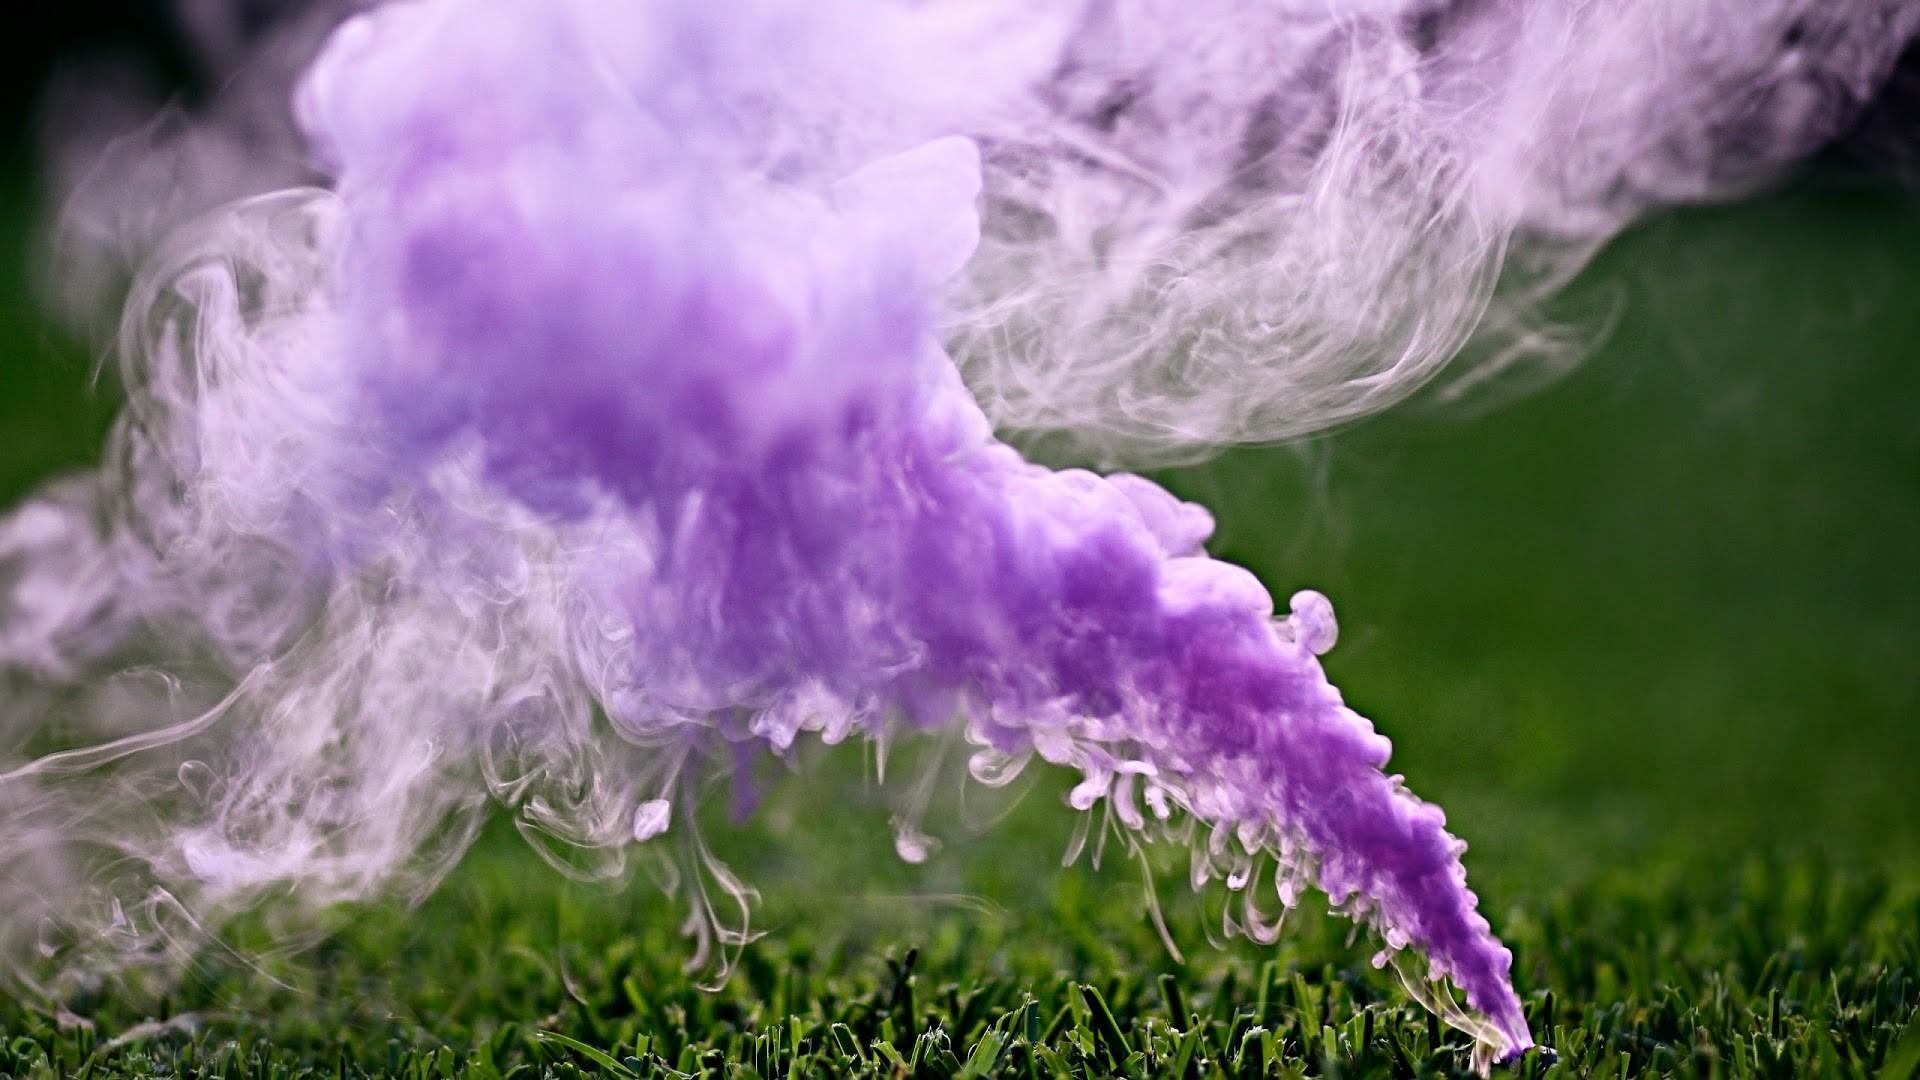 4K HD Wallpaper: Colored Smoke